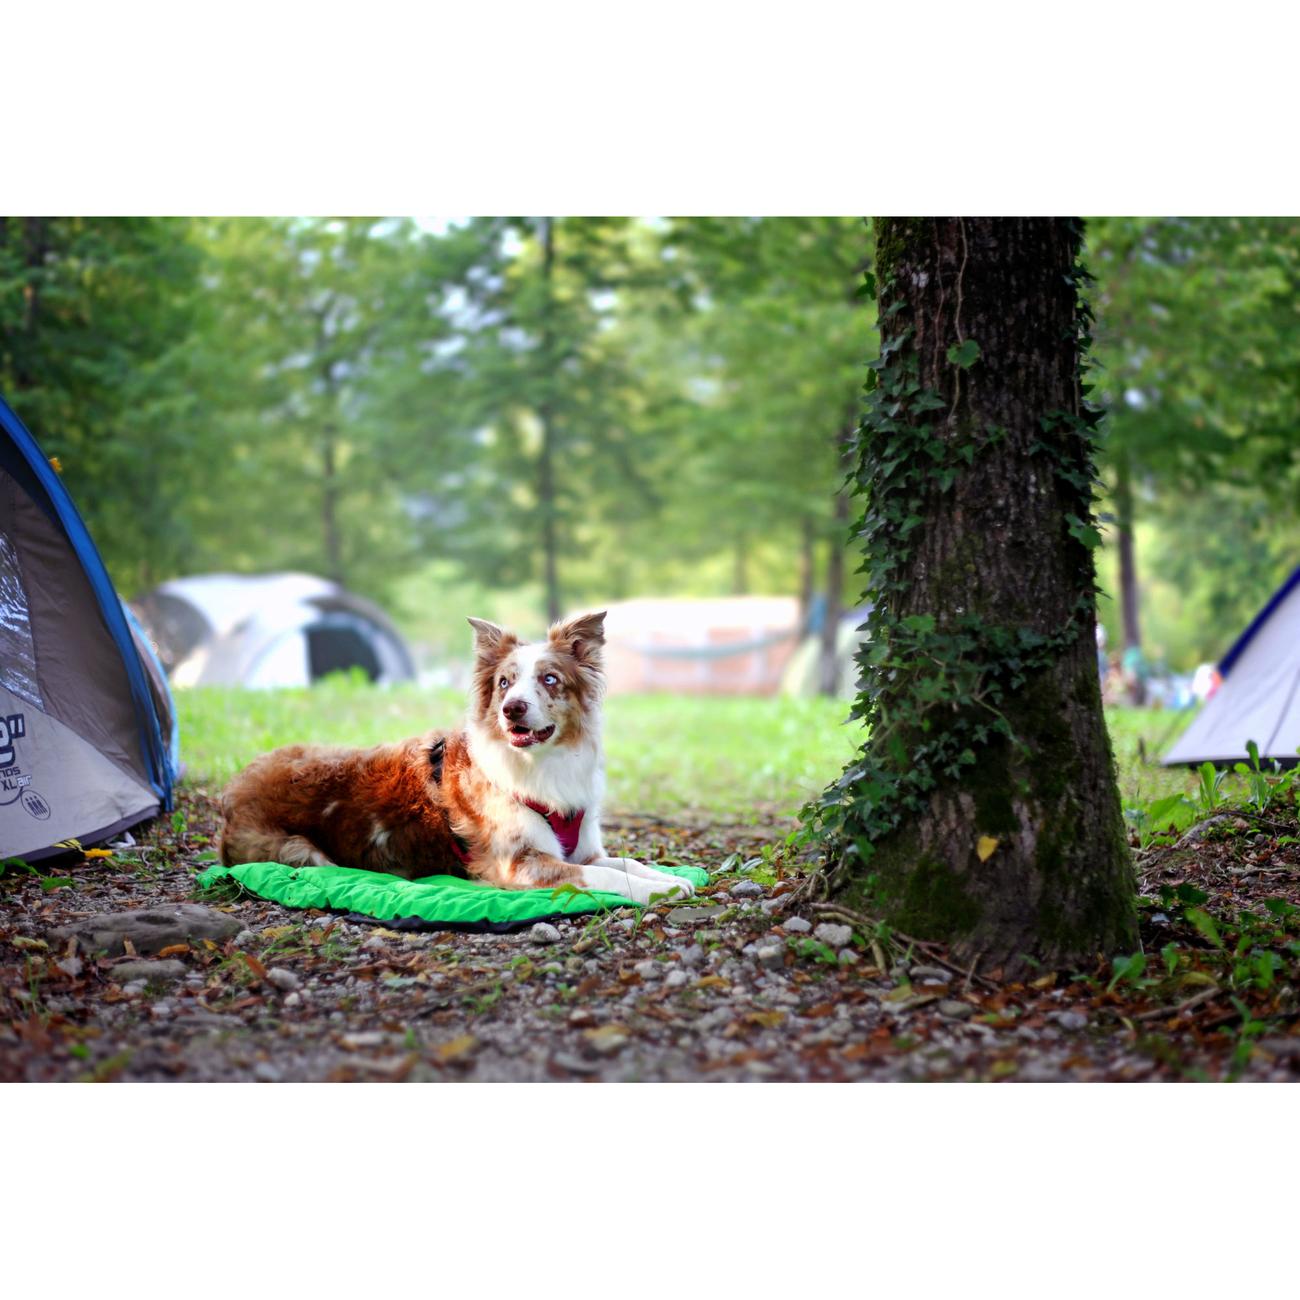 Ruffwear Hundebett Highlands Bed für Outdoor, Bild 9